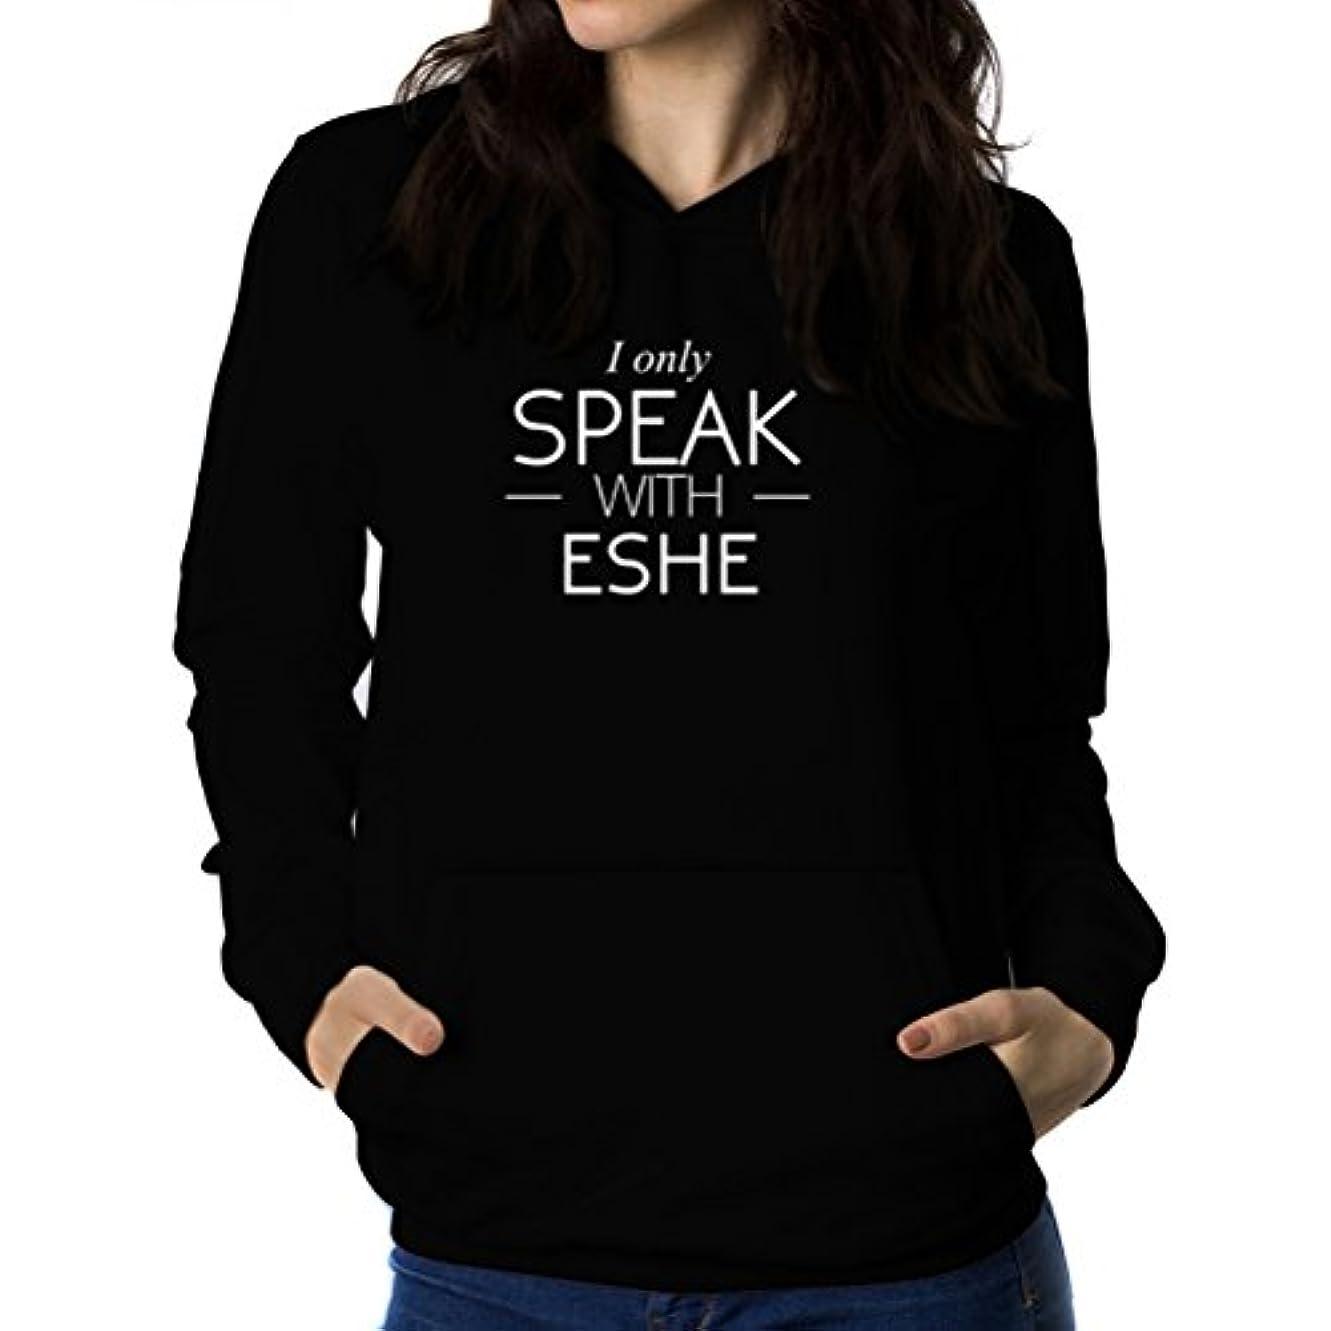 キャプション見る人麺I only speak with Eshe 女性 フーディー